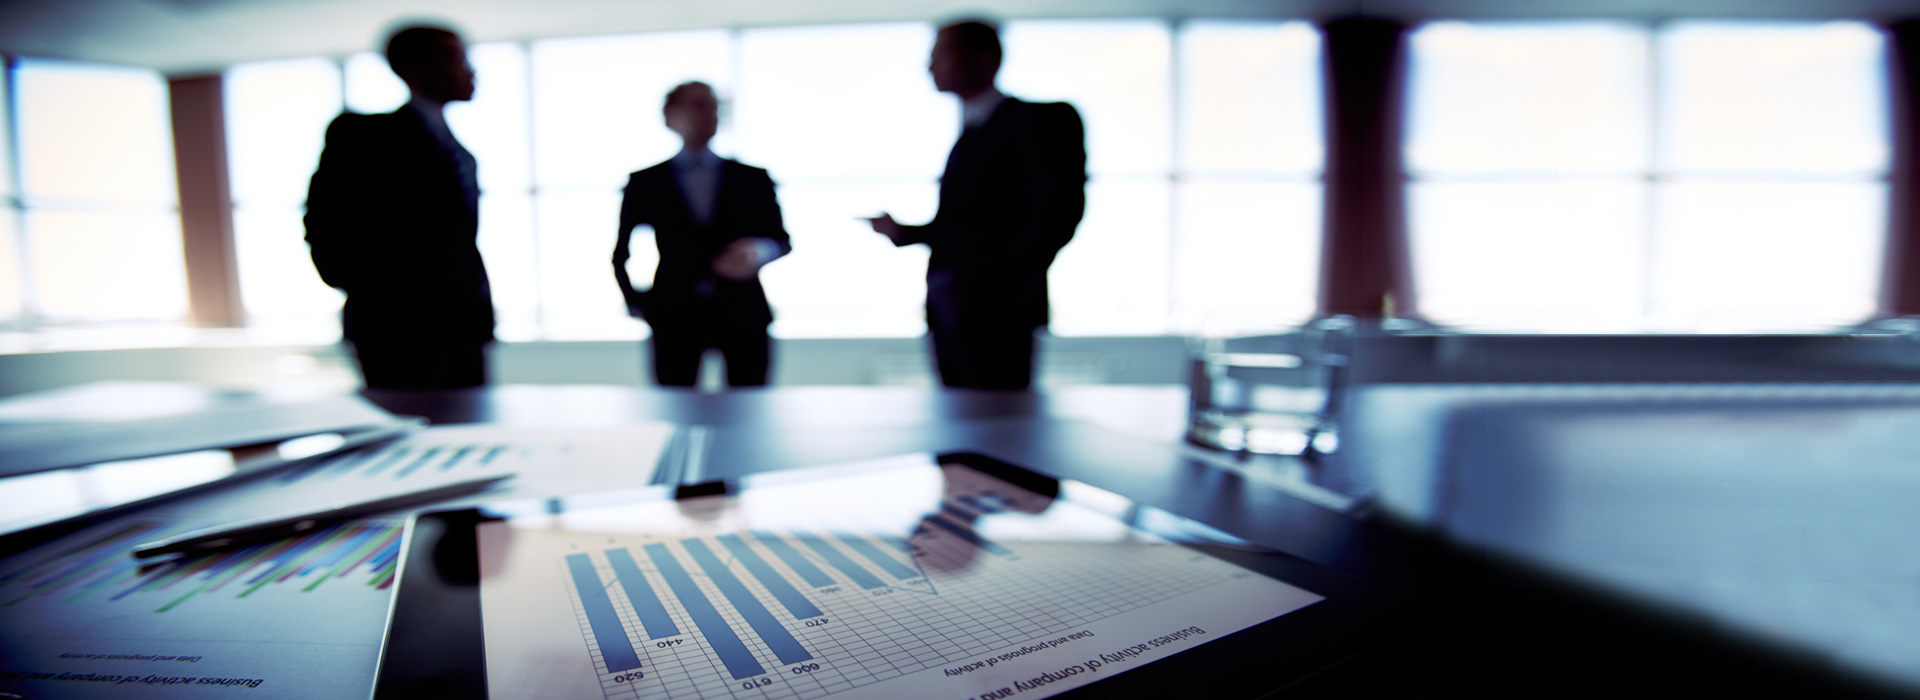 مشاوره حرفه ای و تخصصی شرکت آیکو برای راه اندازی کسب و کار اینترنتی